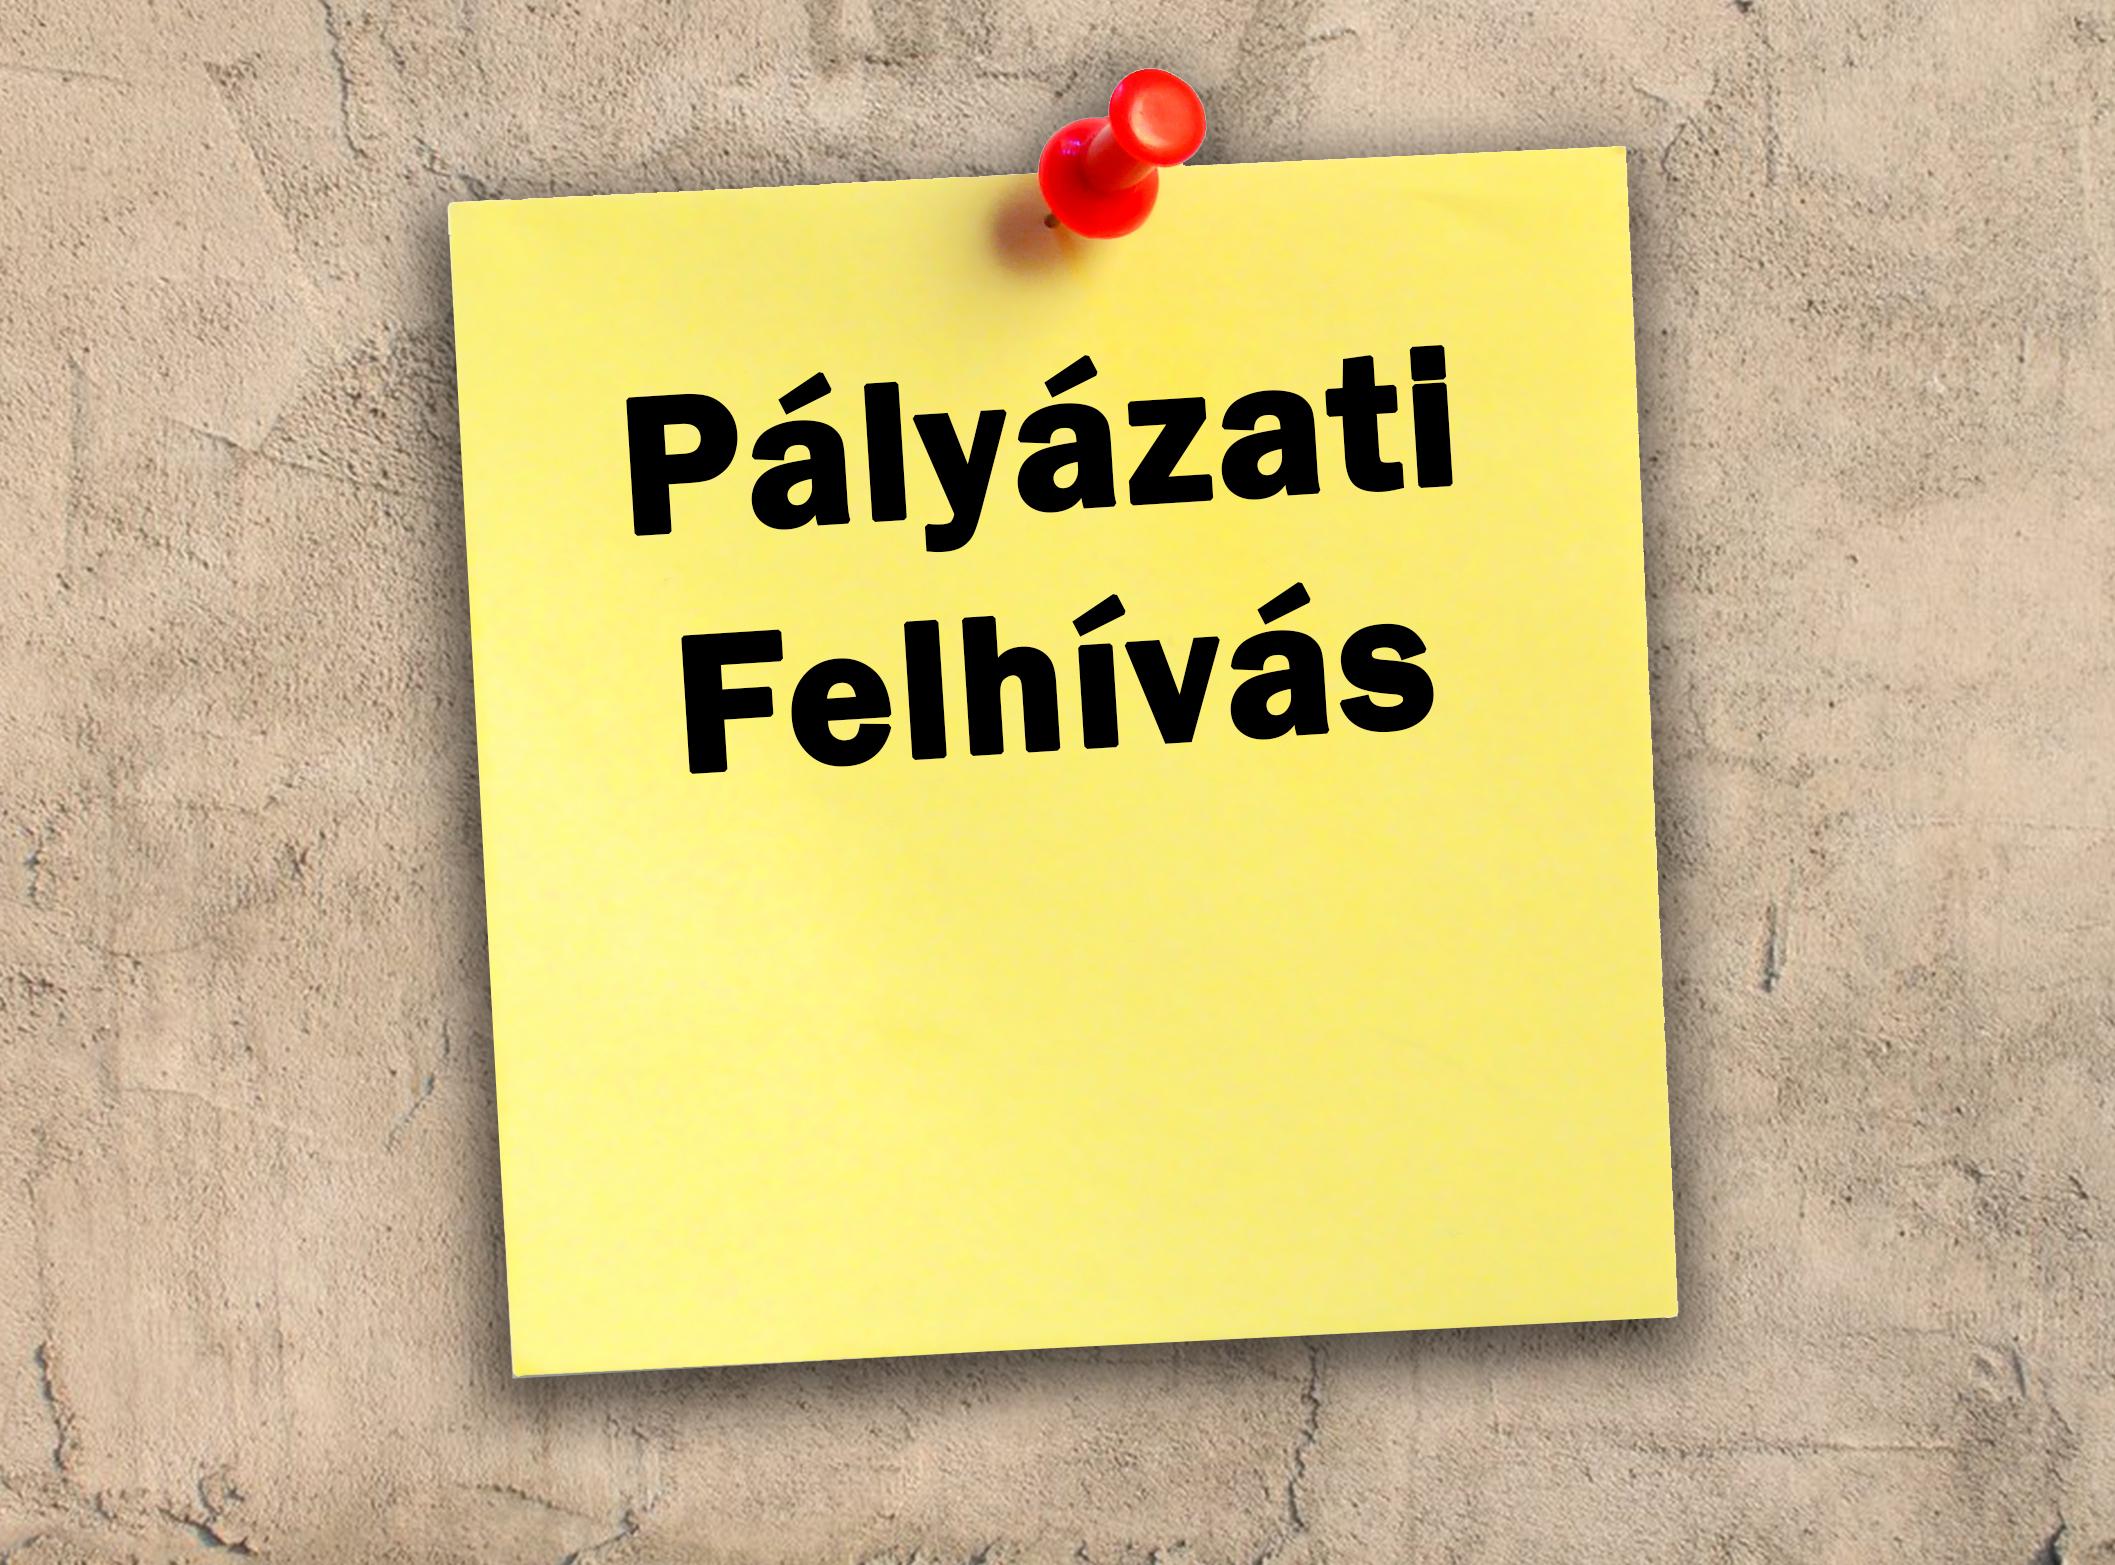 Pályázati felhívás-Csuklya u. 18/2.  szám alatt található önkormányzati bérlakás